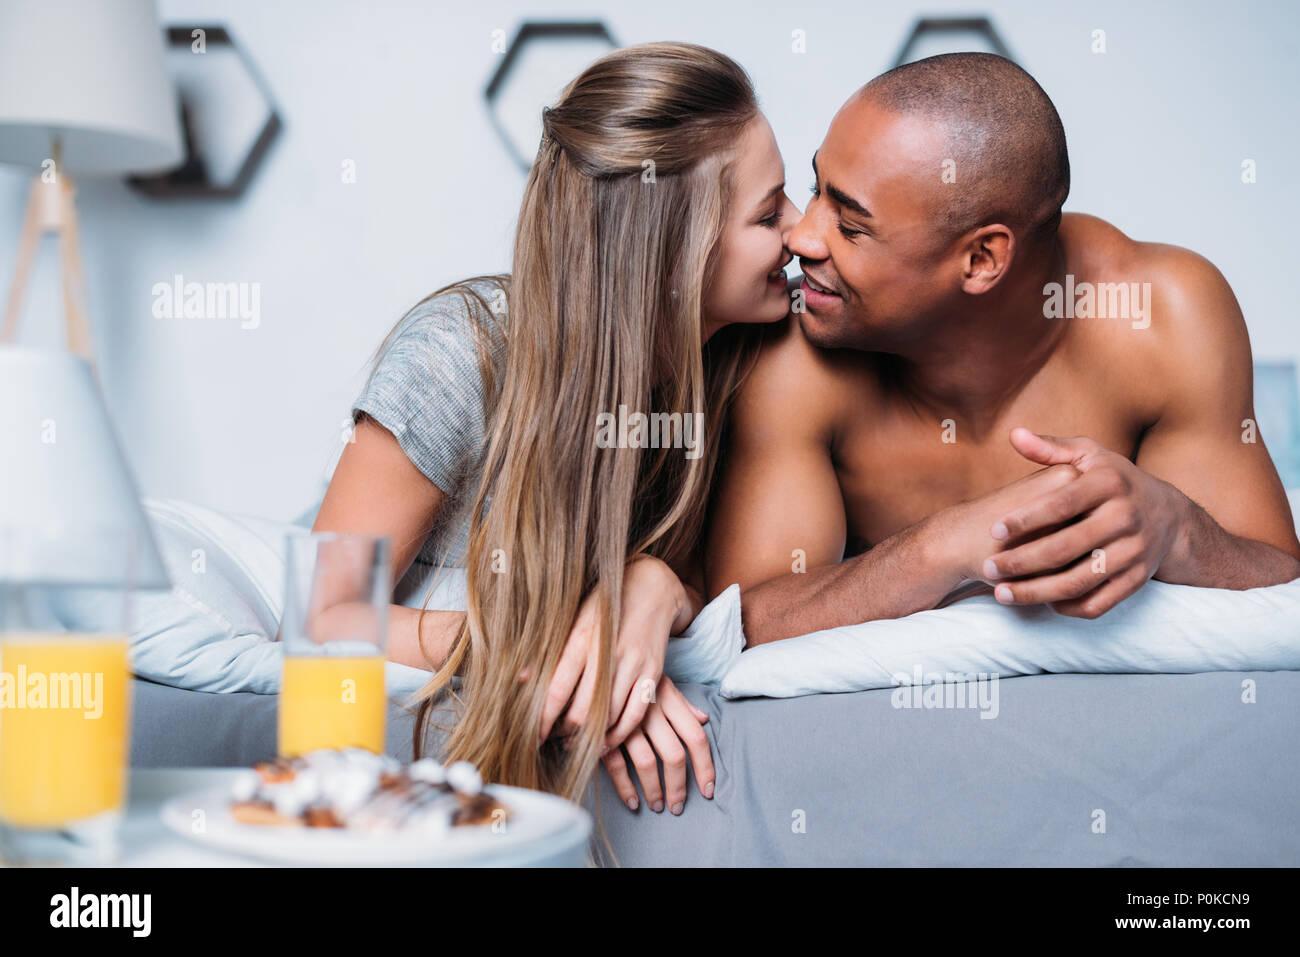 Multikulturelle Paare küssen und liegend auf Bett Stockbild